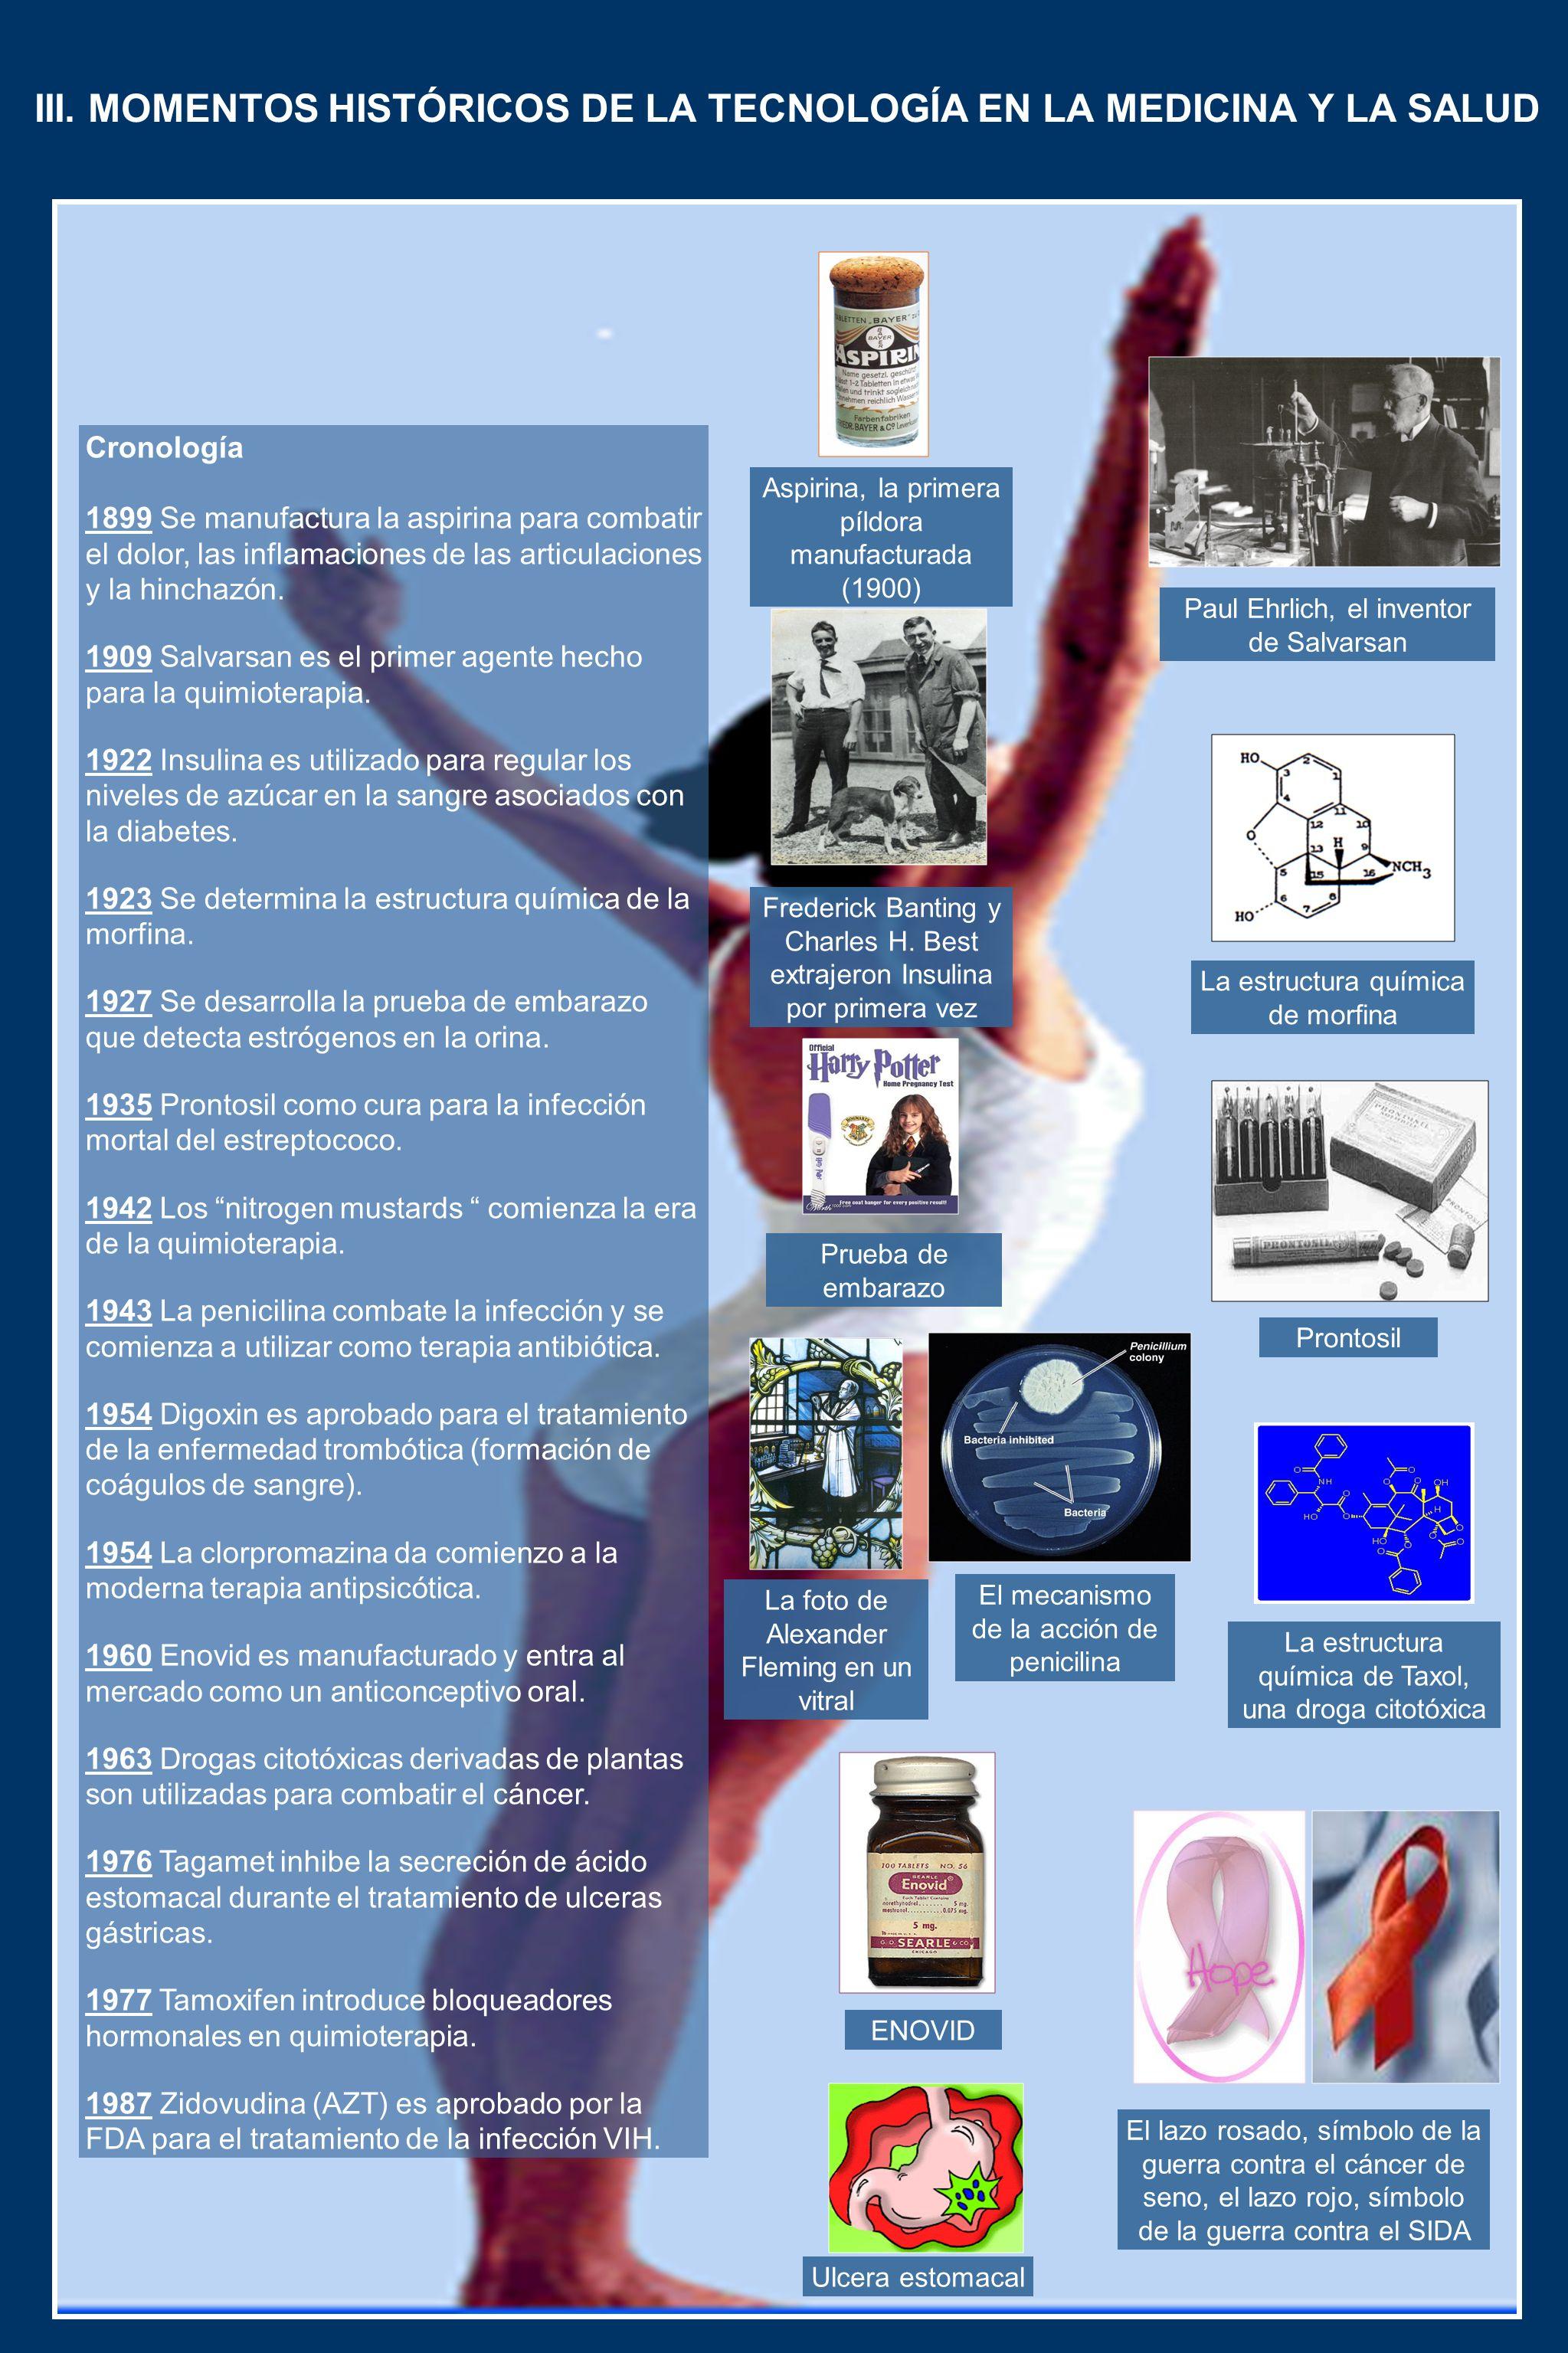 III. MOMENTOS HISTÓRICOS DE LA TECNOLOGÍA EN LA MEDICINA Y LA SALUD